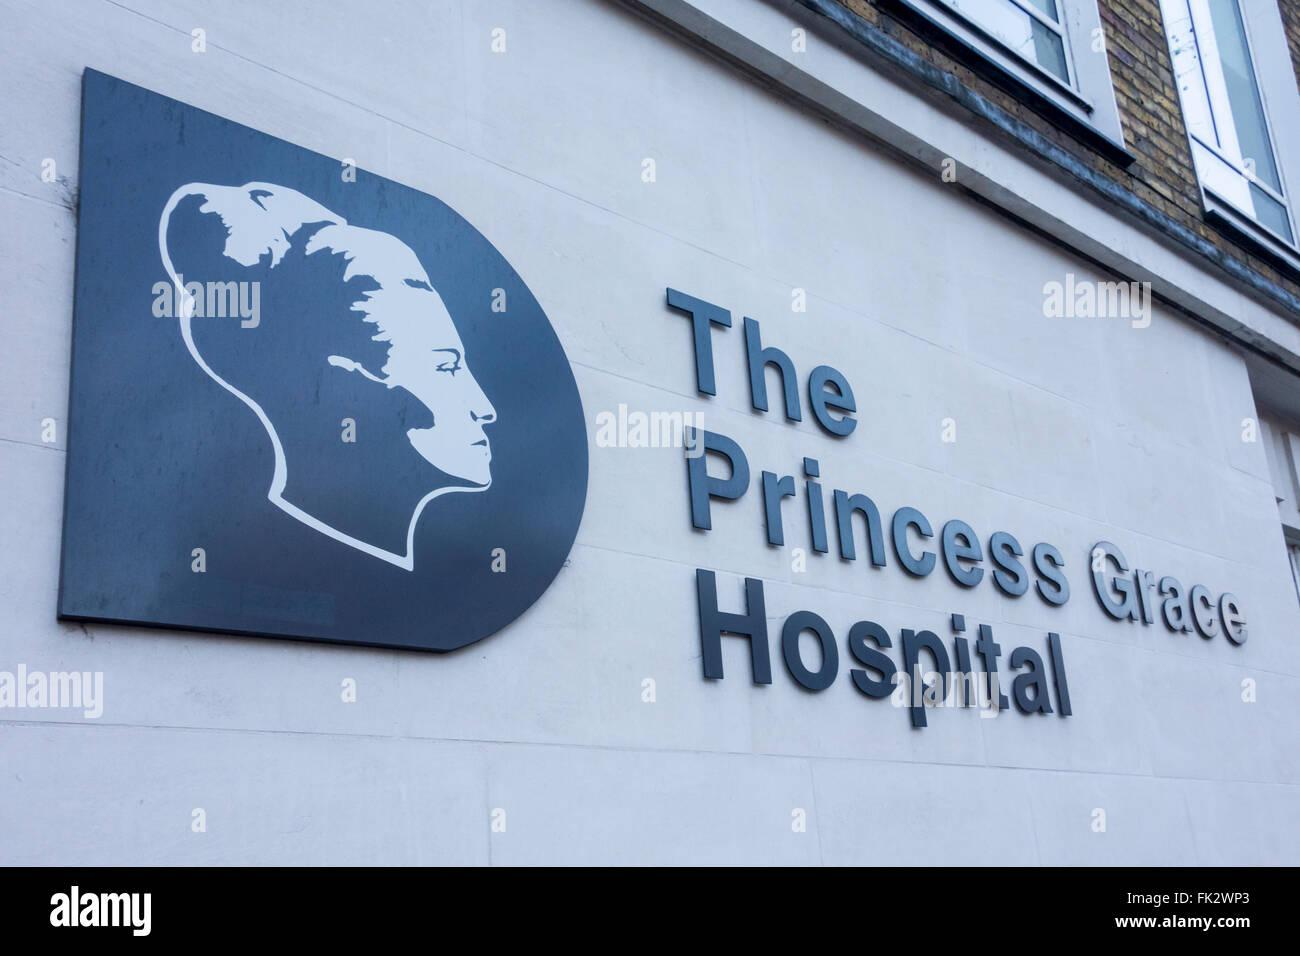 The Princess Grace Hospital, Marylebone Road, London, UK - Stock Image